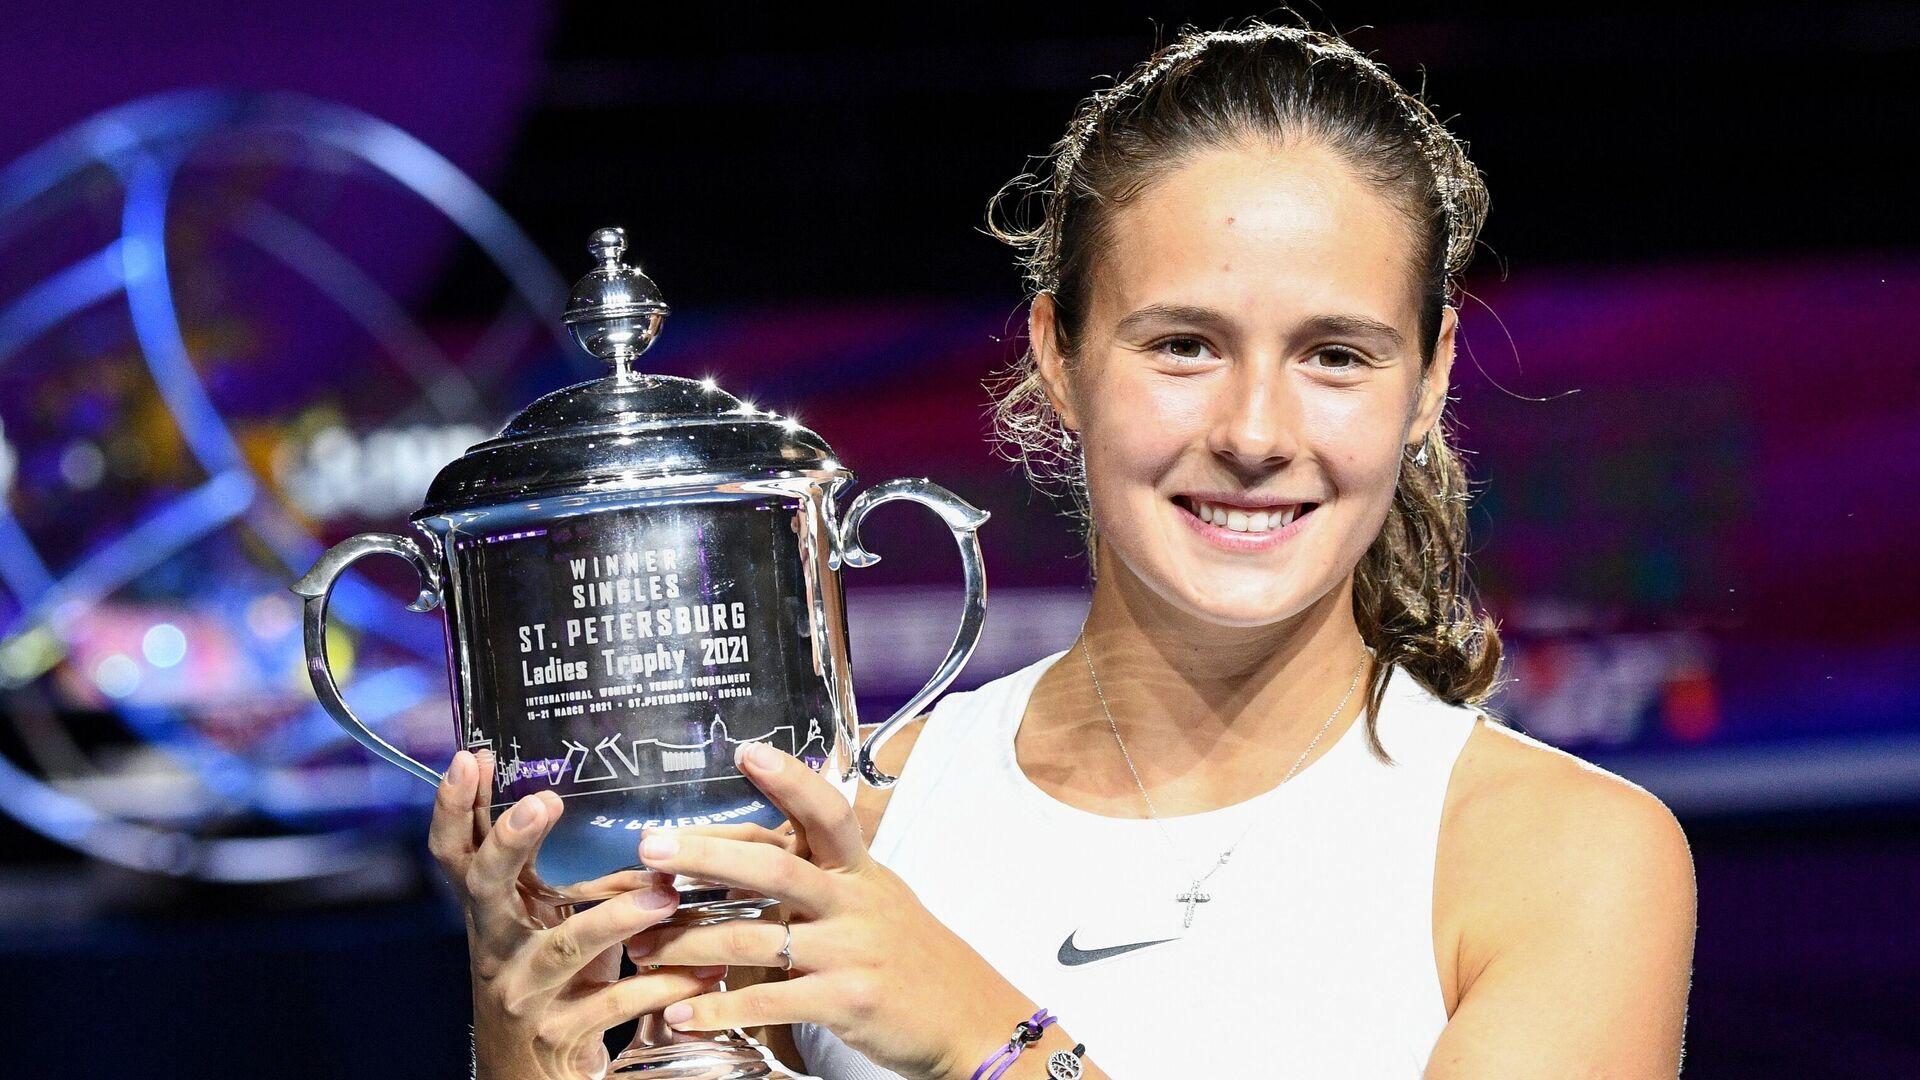 «Как же приятно вновь видеть ее улыбку!» - зарубежные любители тенниса о триумфе Касаткиной